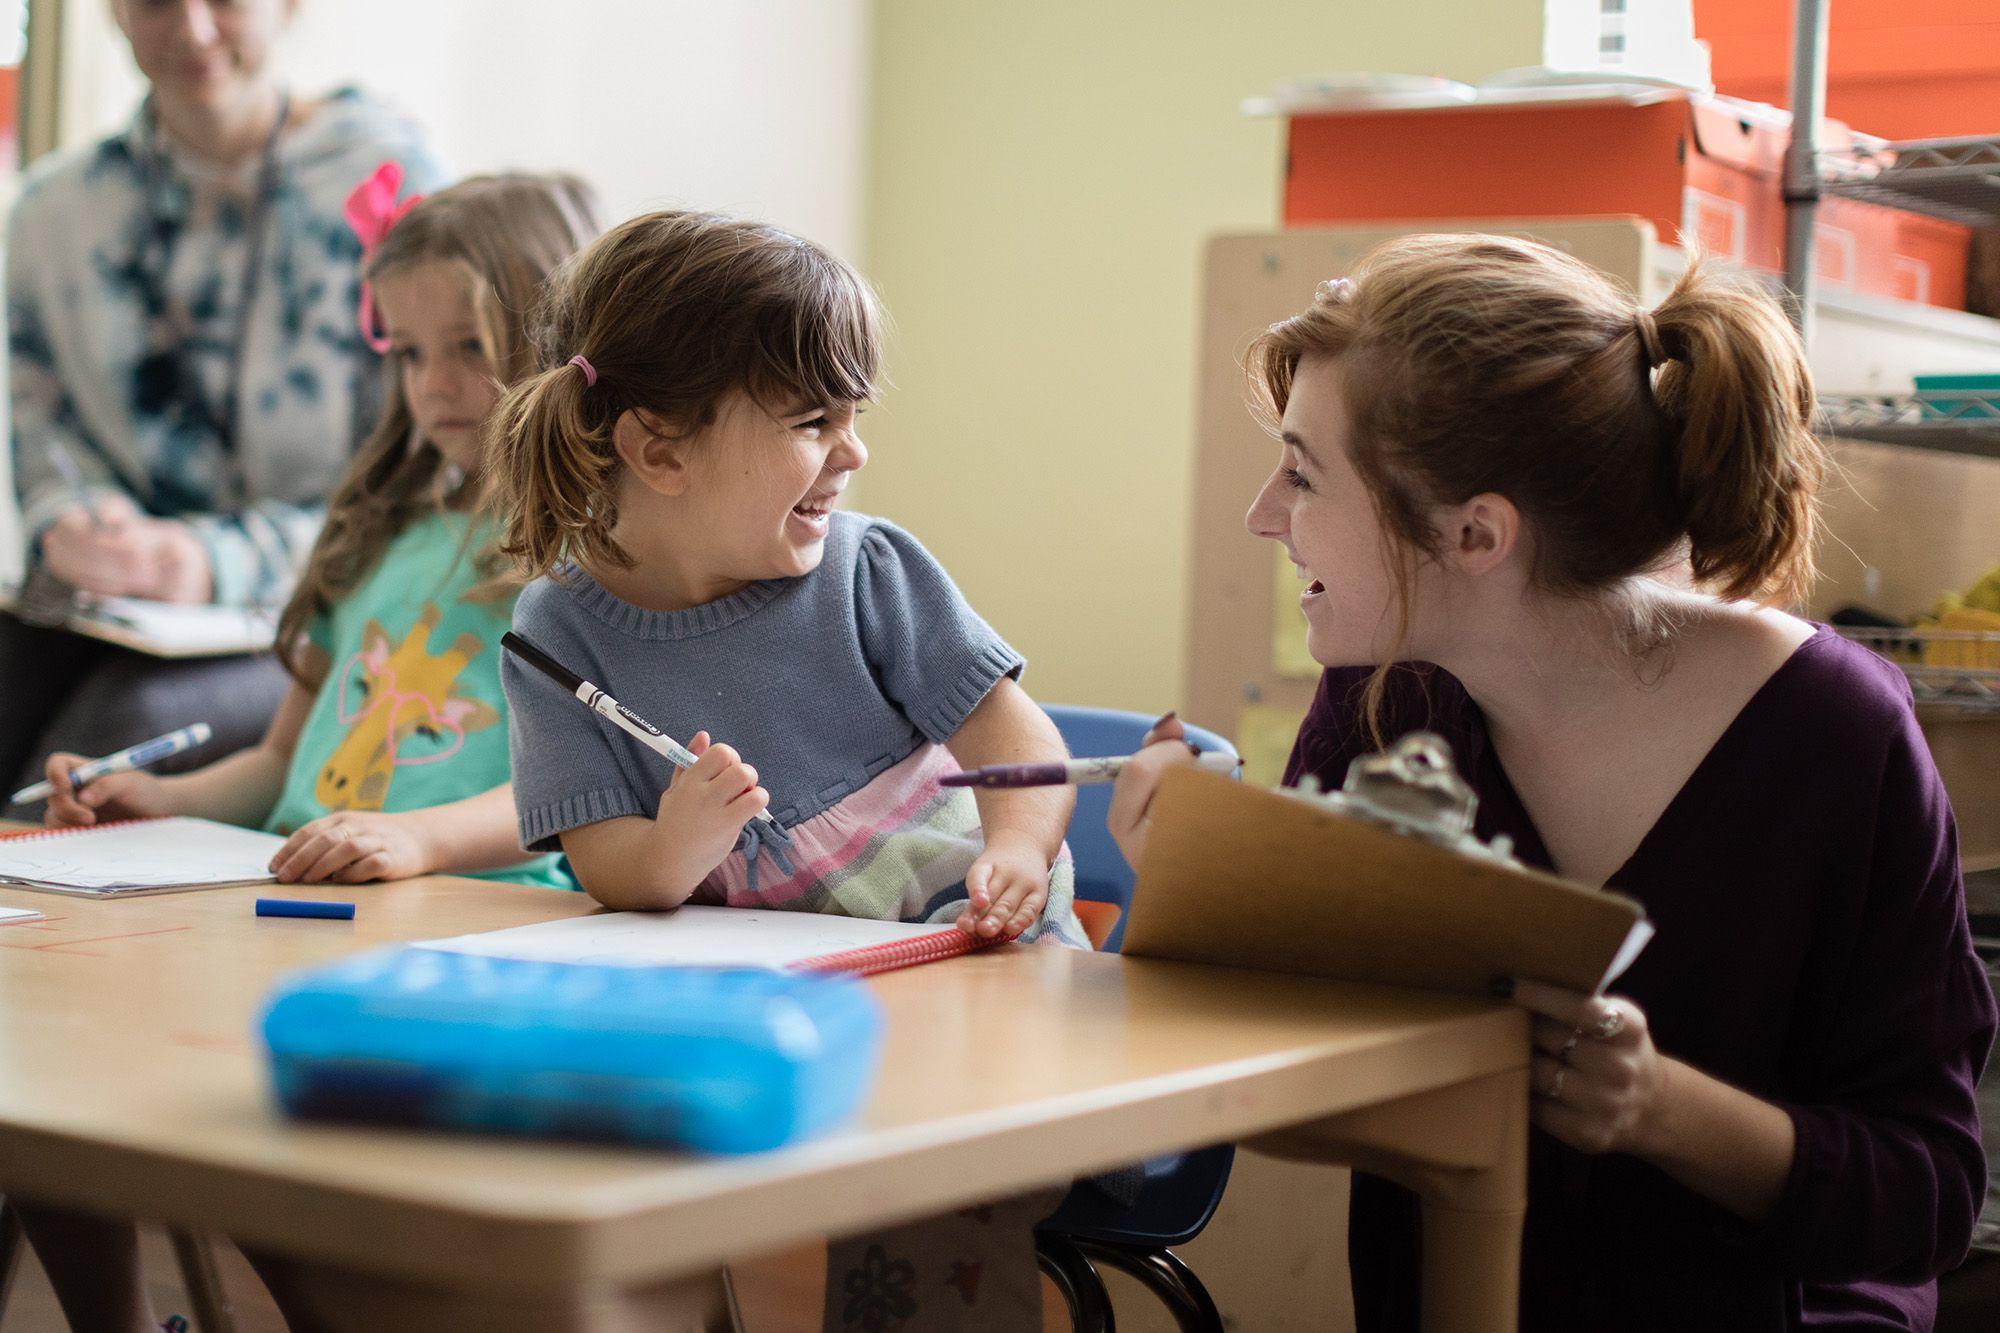 A student researcher interviews a preschool student.